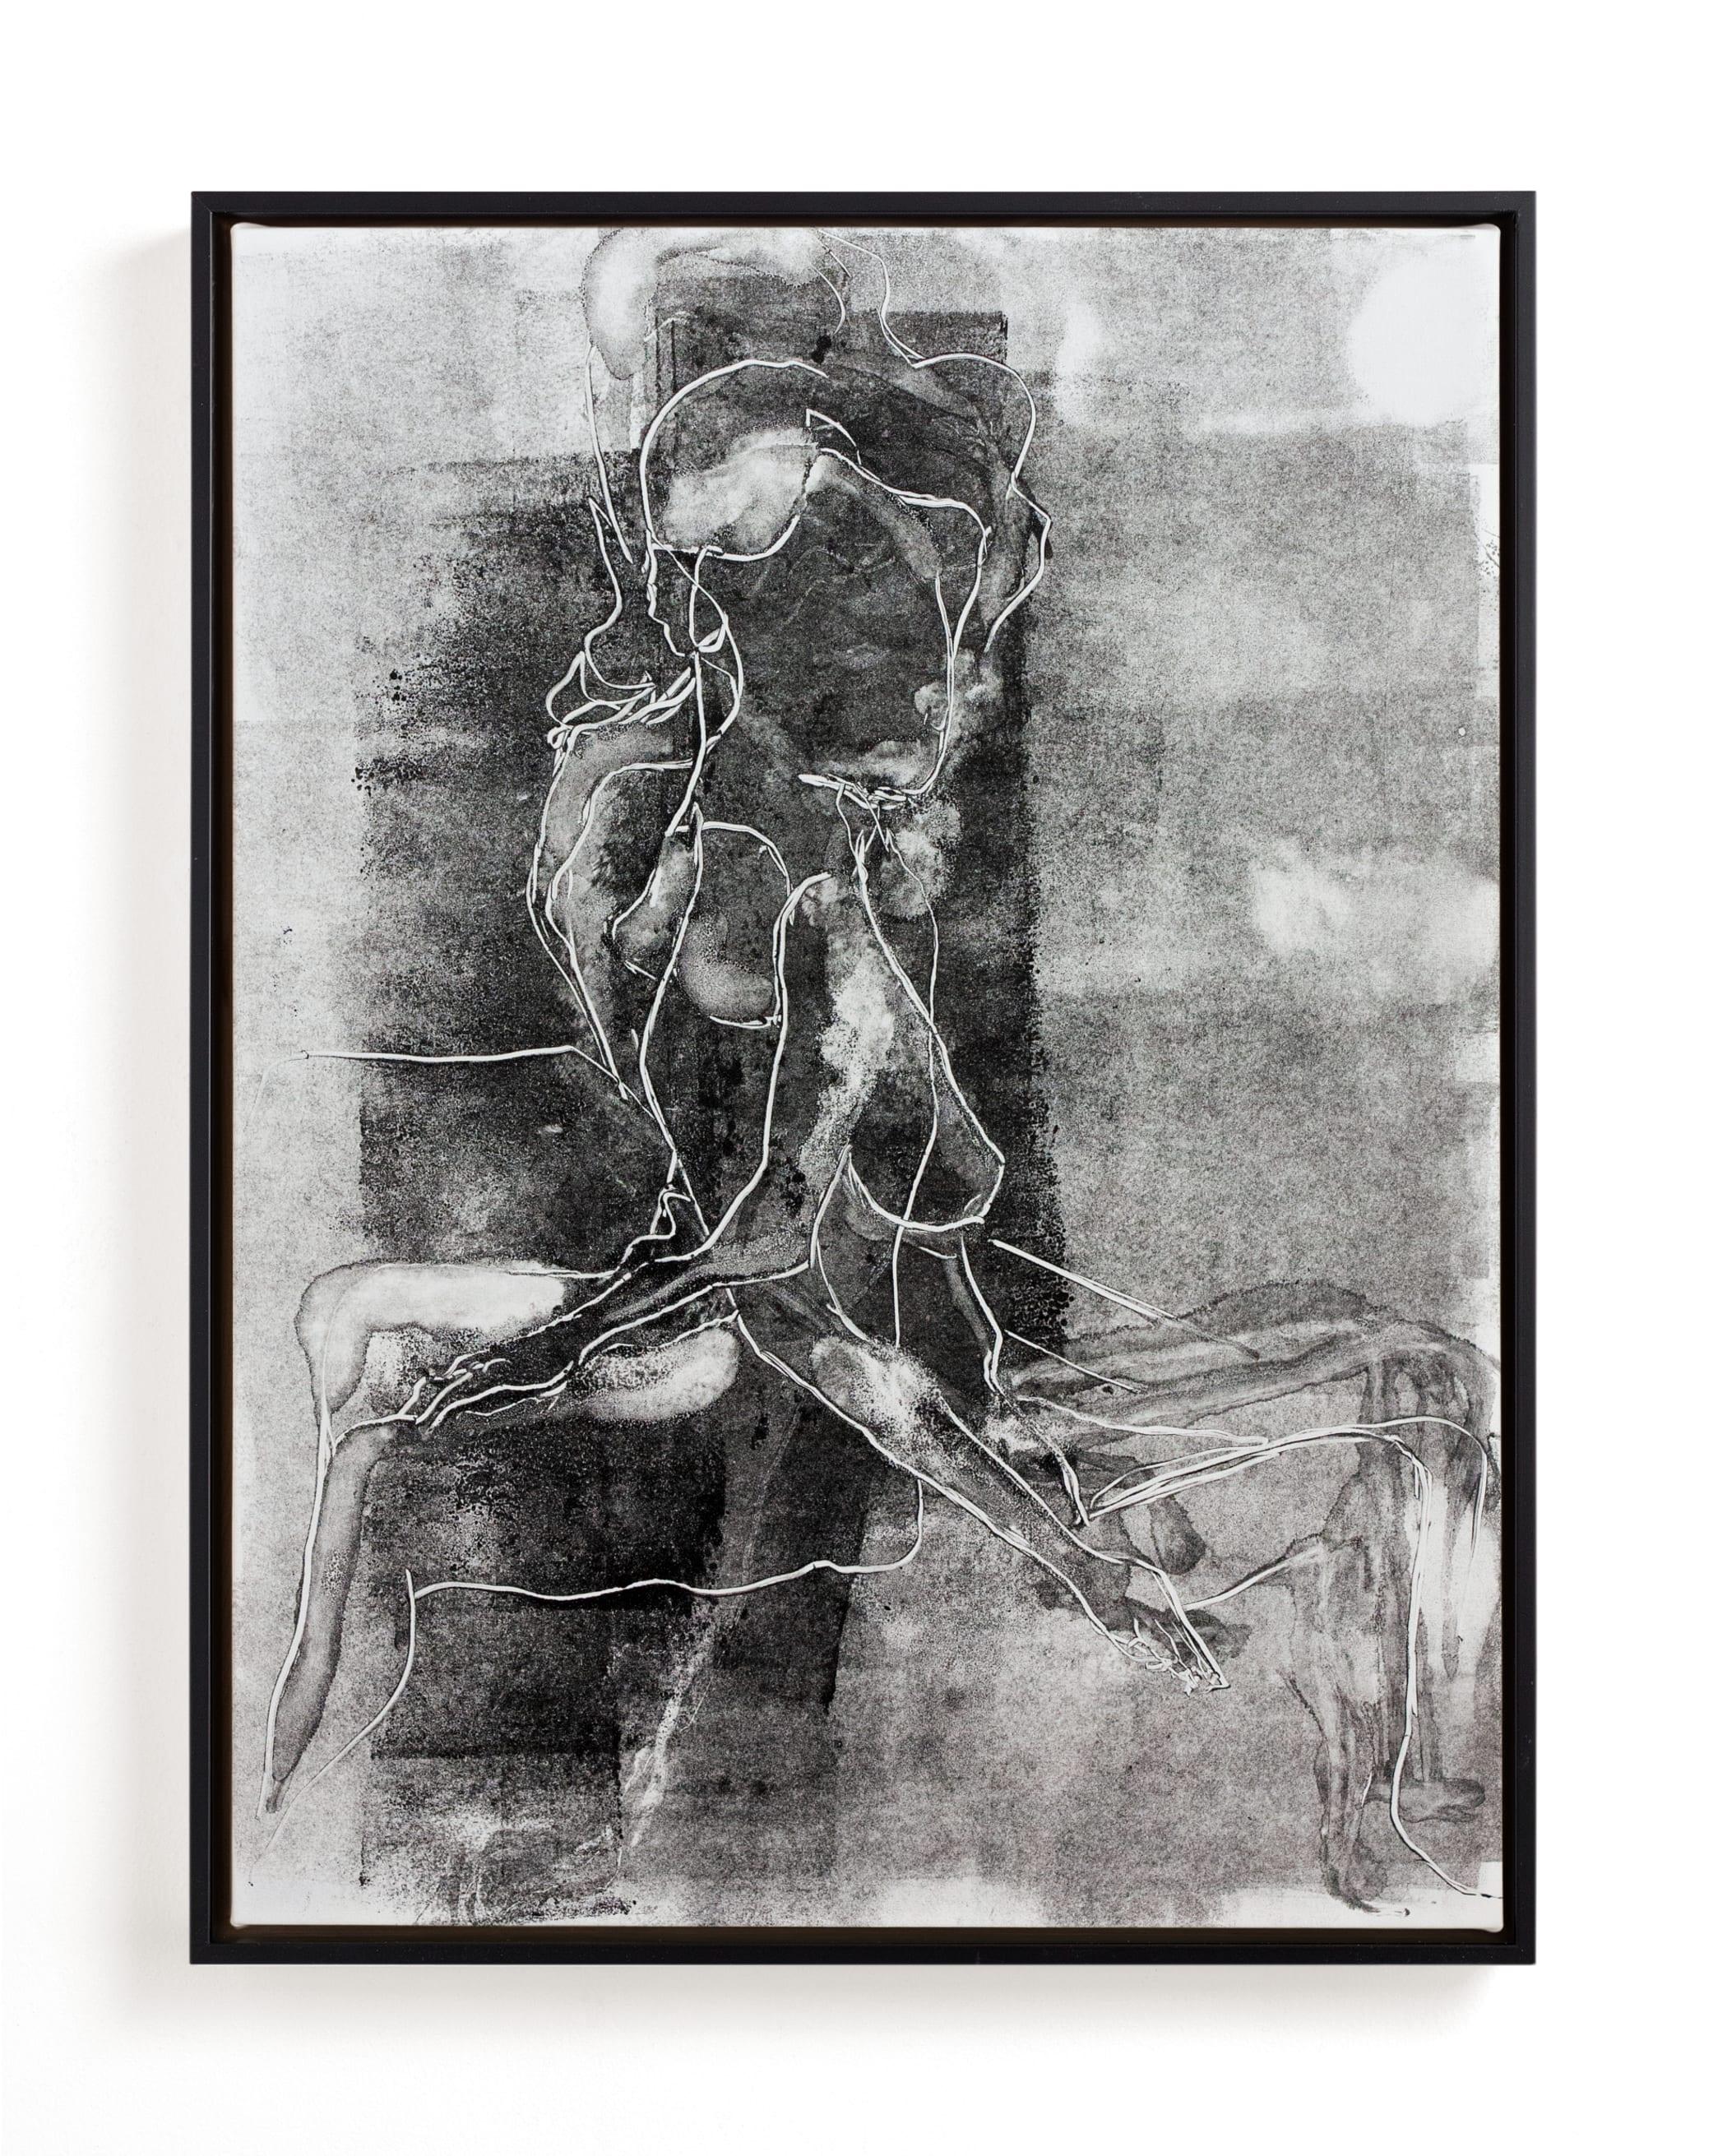 Figure on Figure Art Print